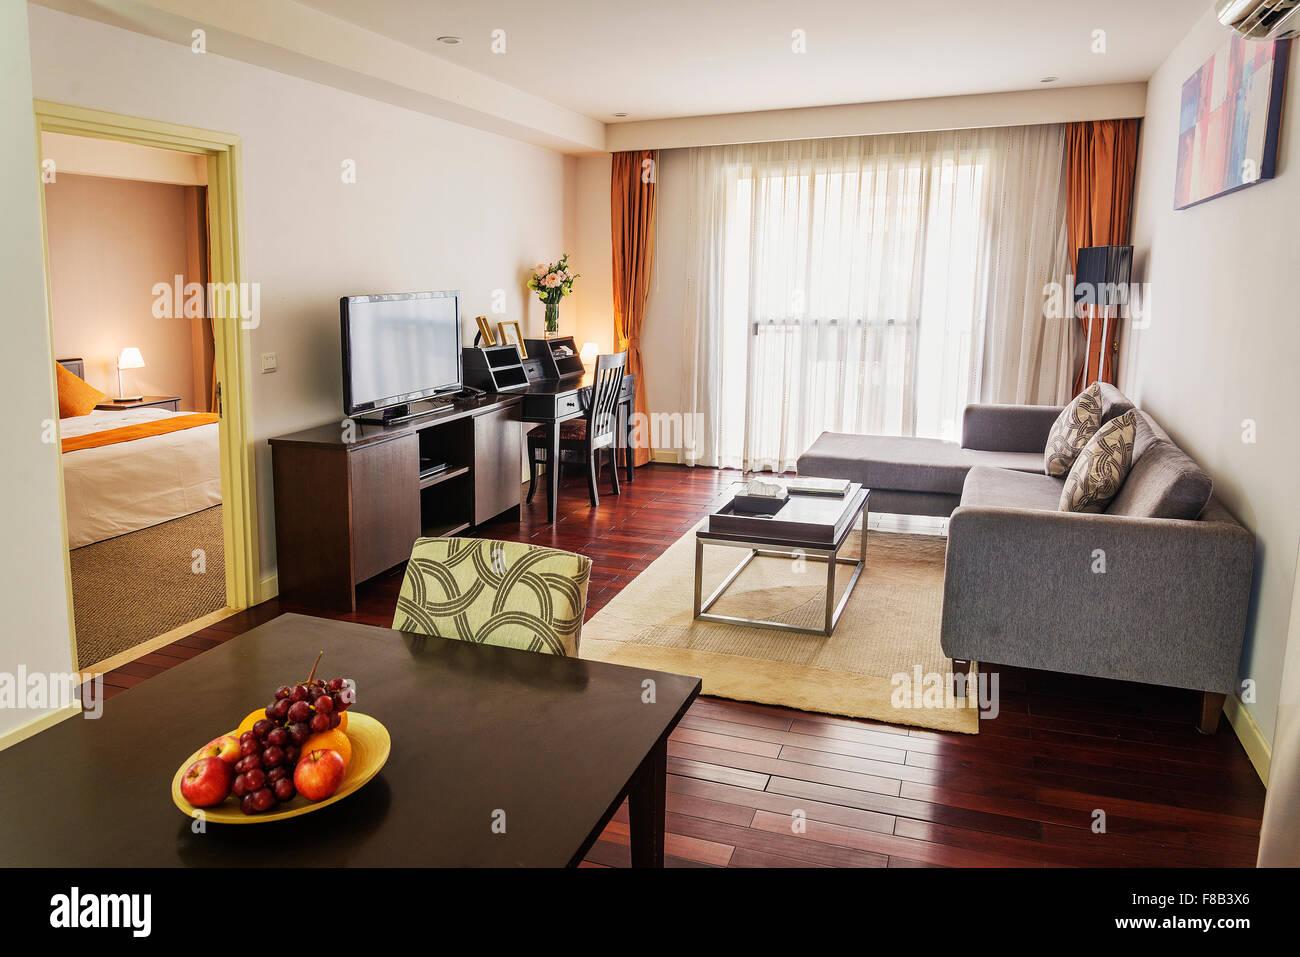 Wohnzimmer im modernen Design-apartment Stockbild